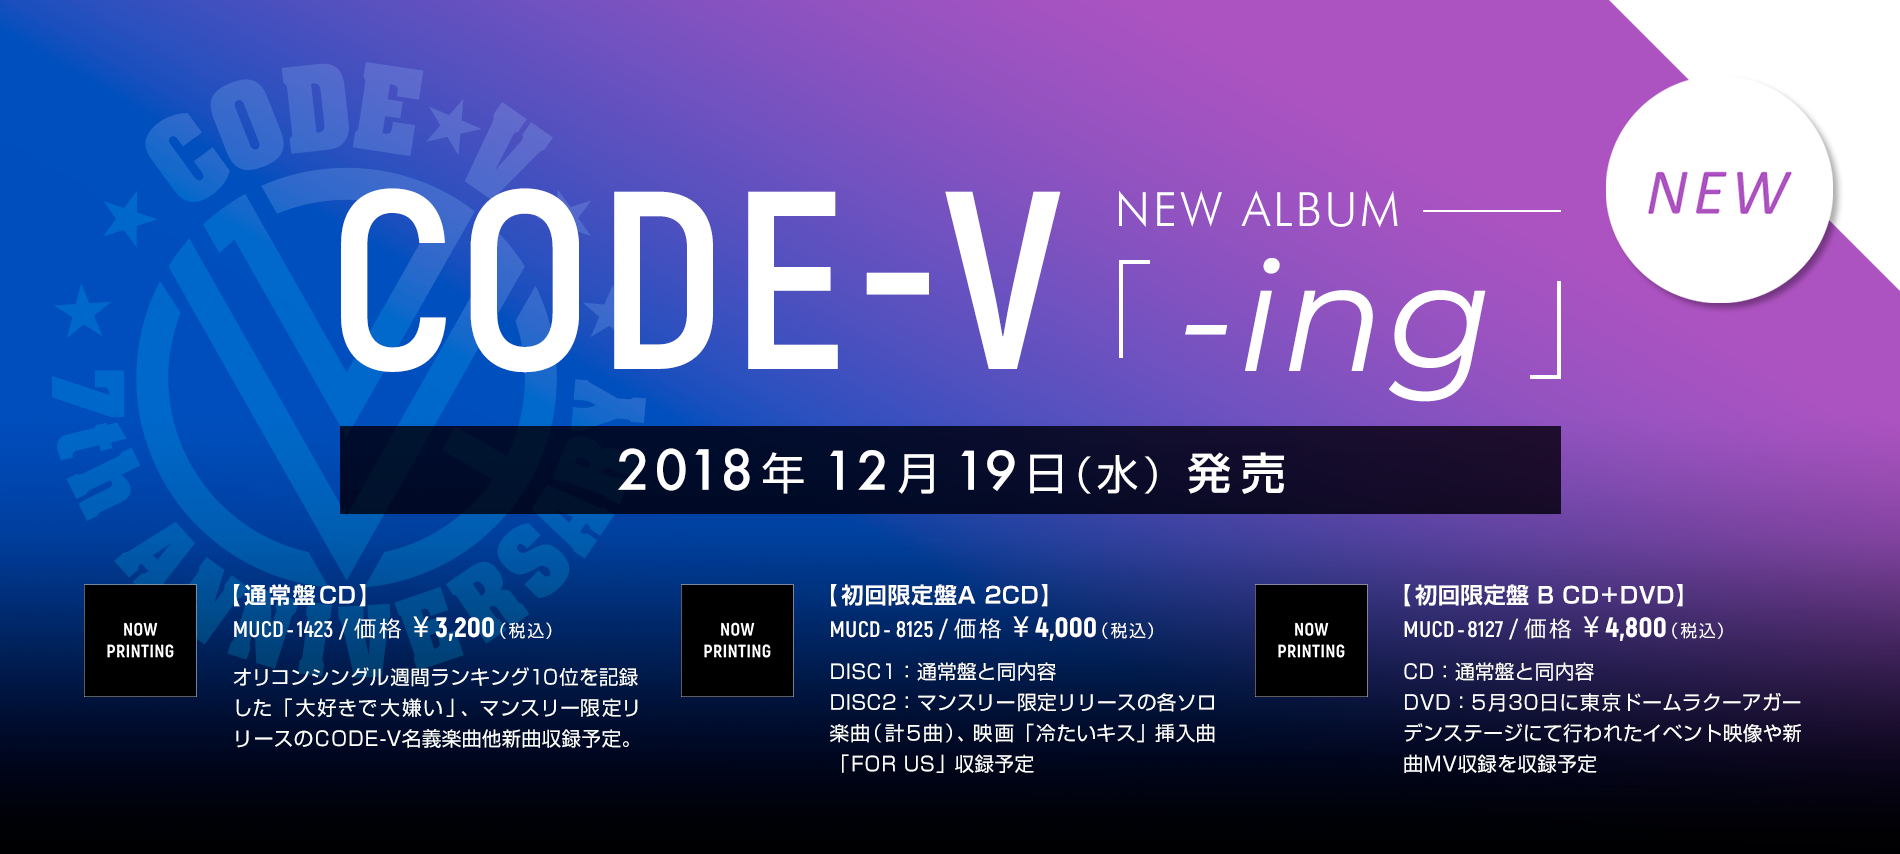 code v japan official site